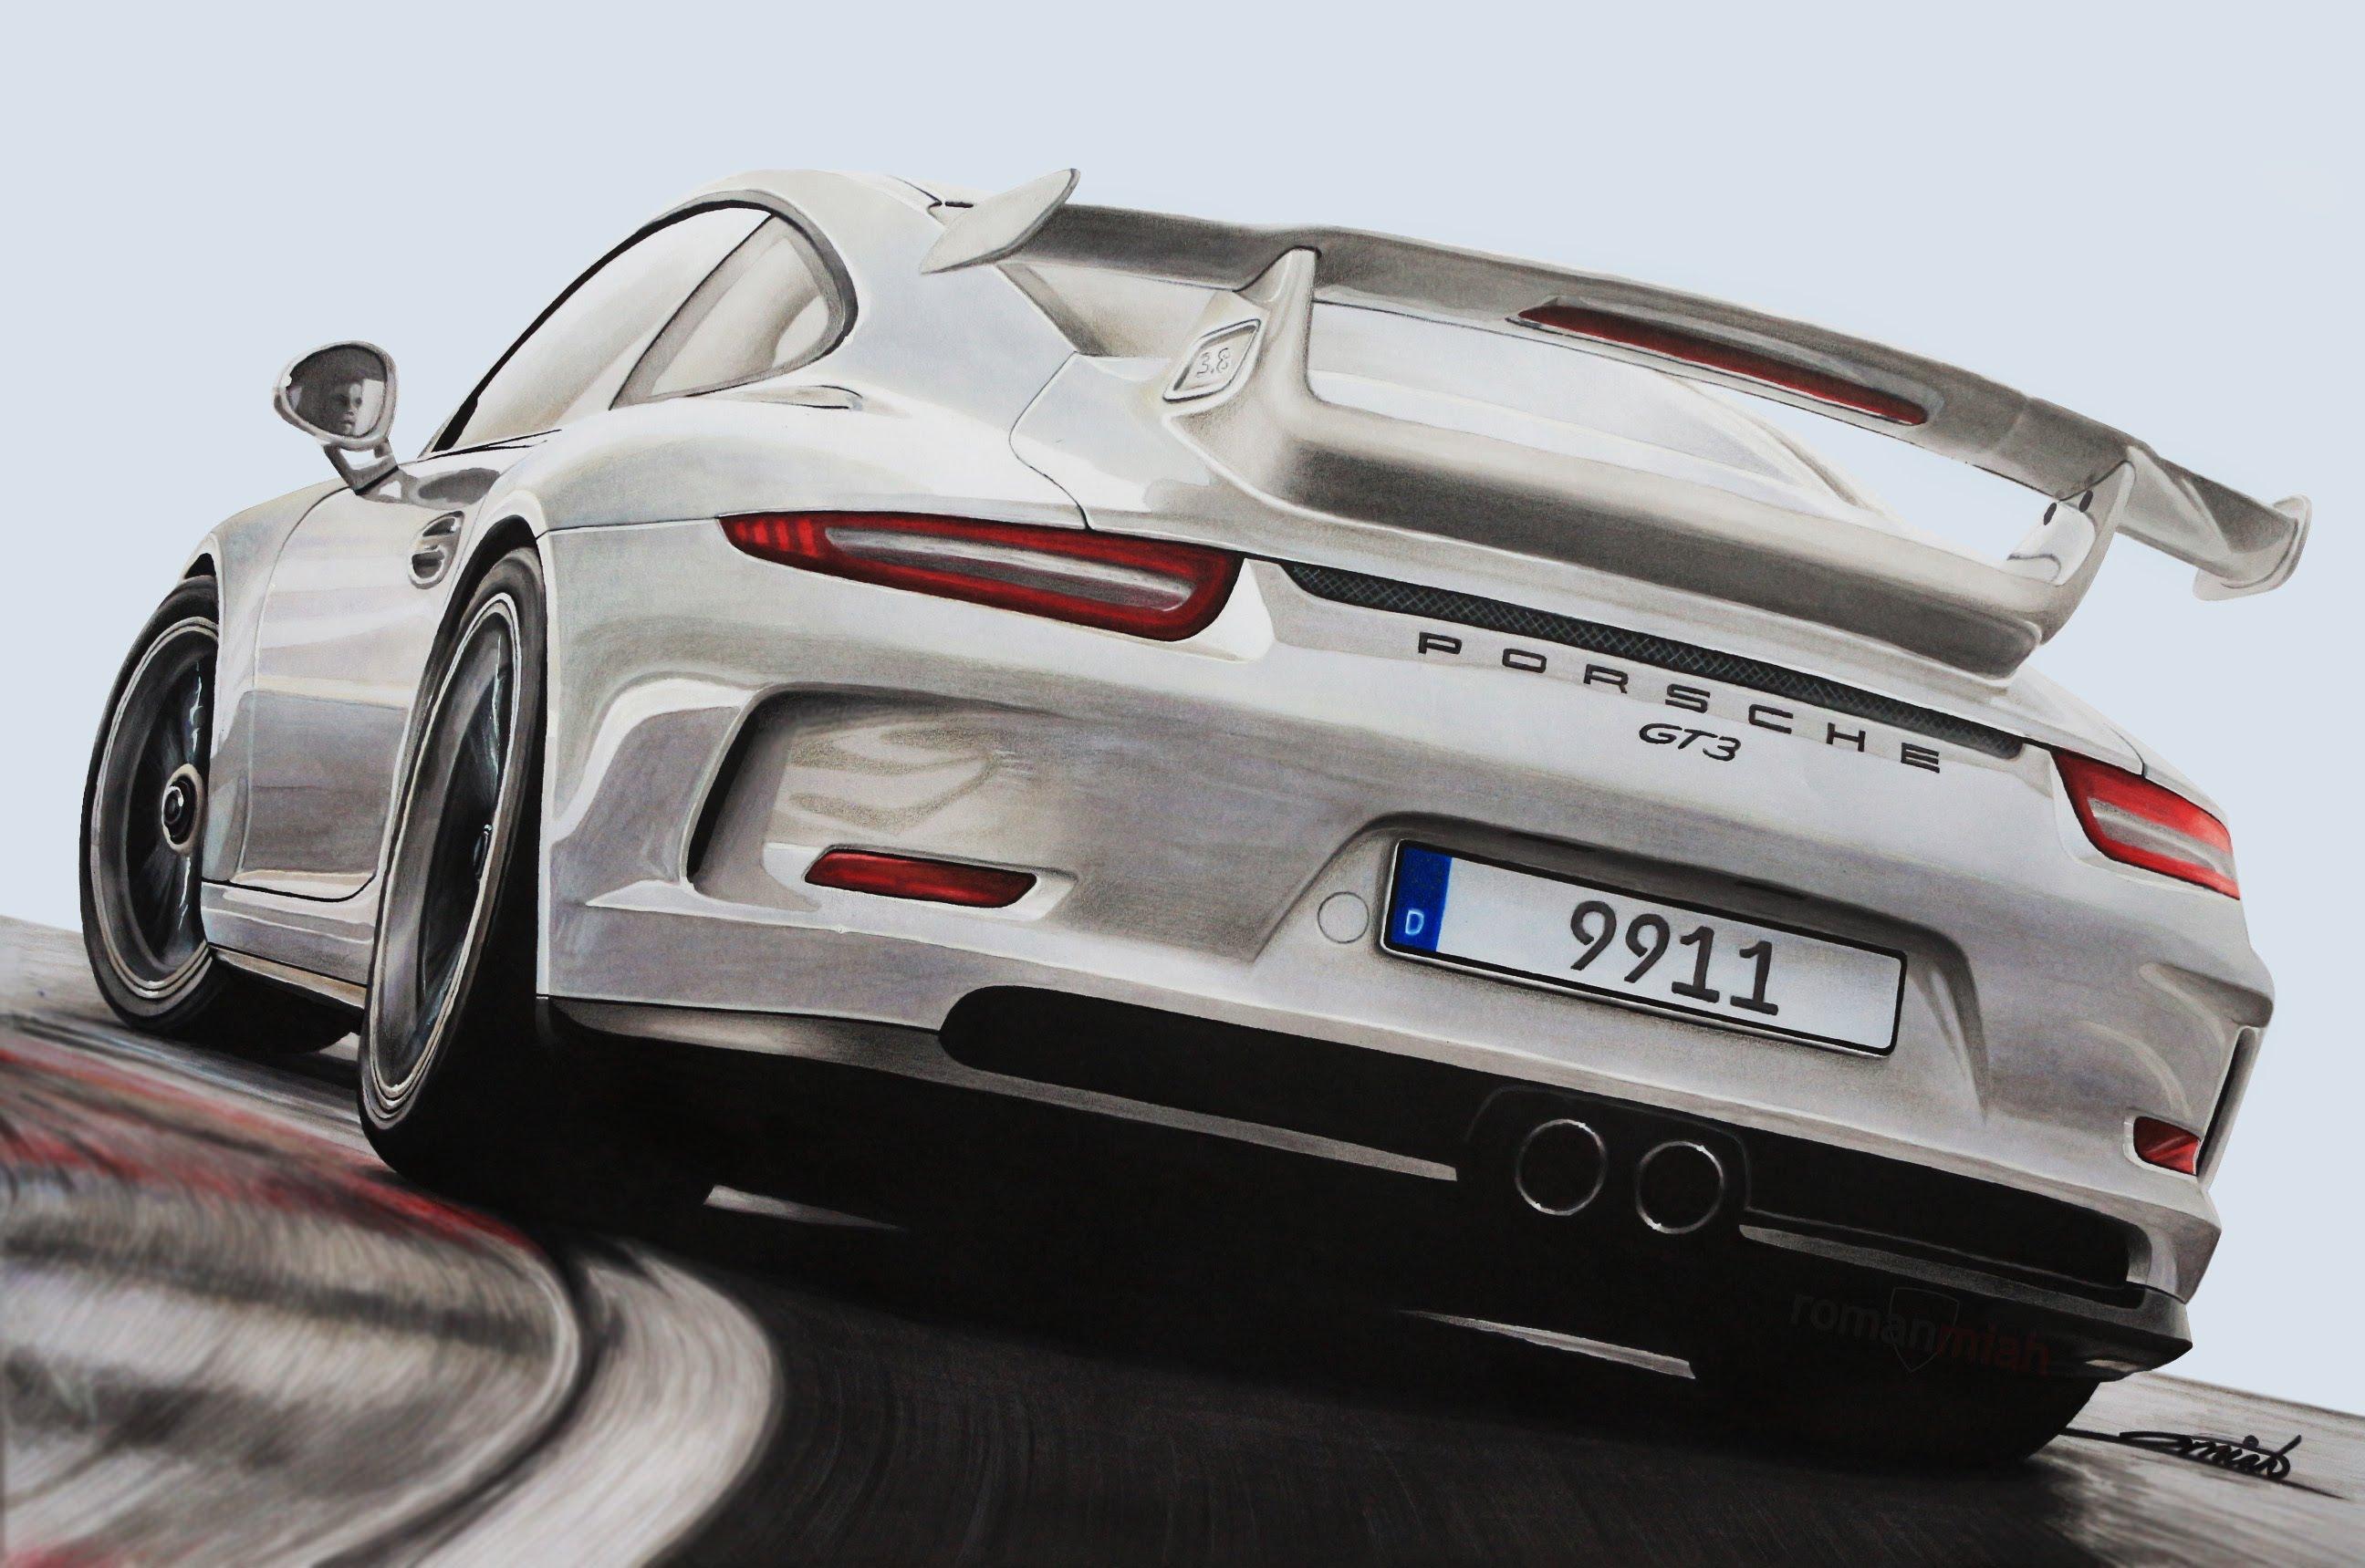 Drawn vehicle porsche 911 (991) YouTube GT3 Porsche